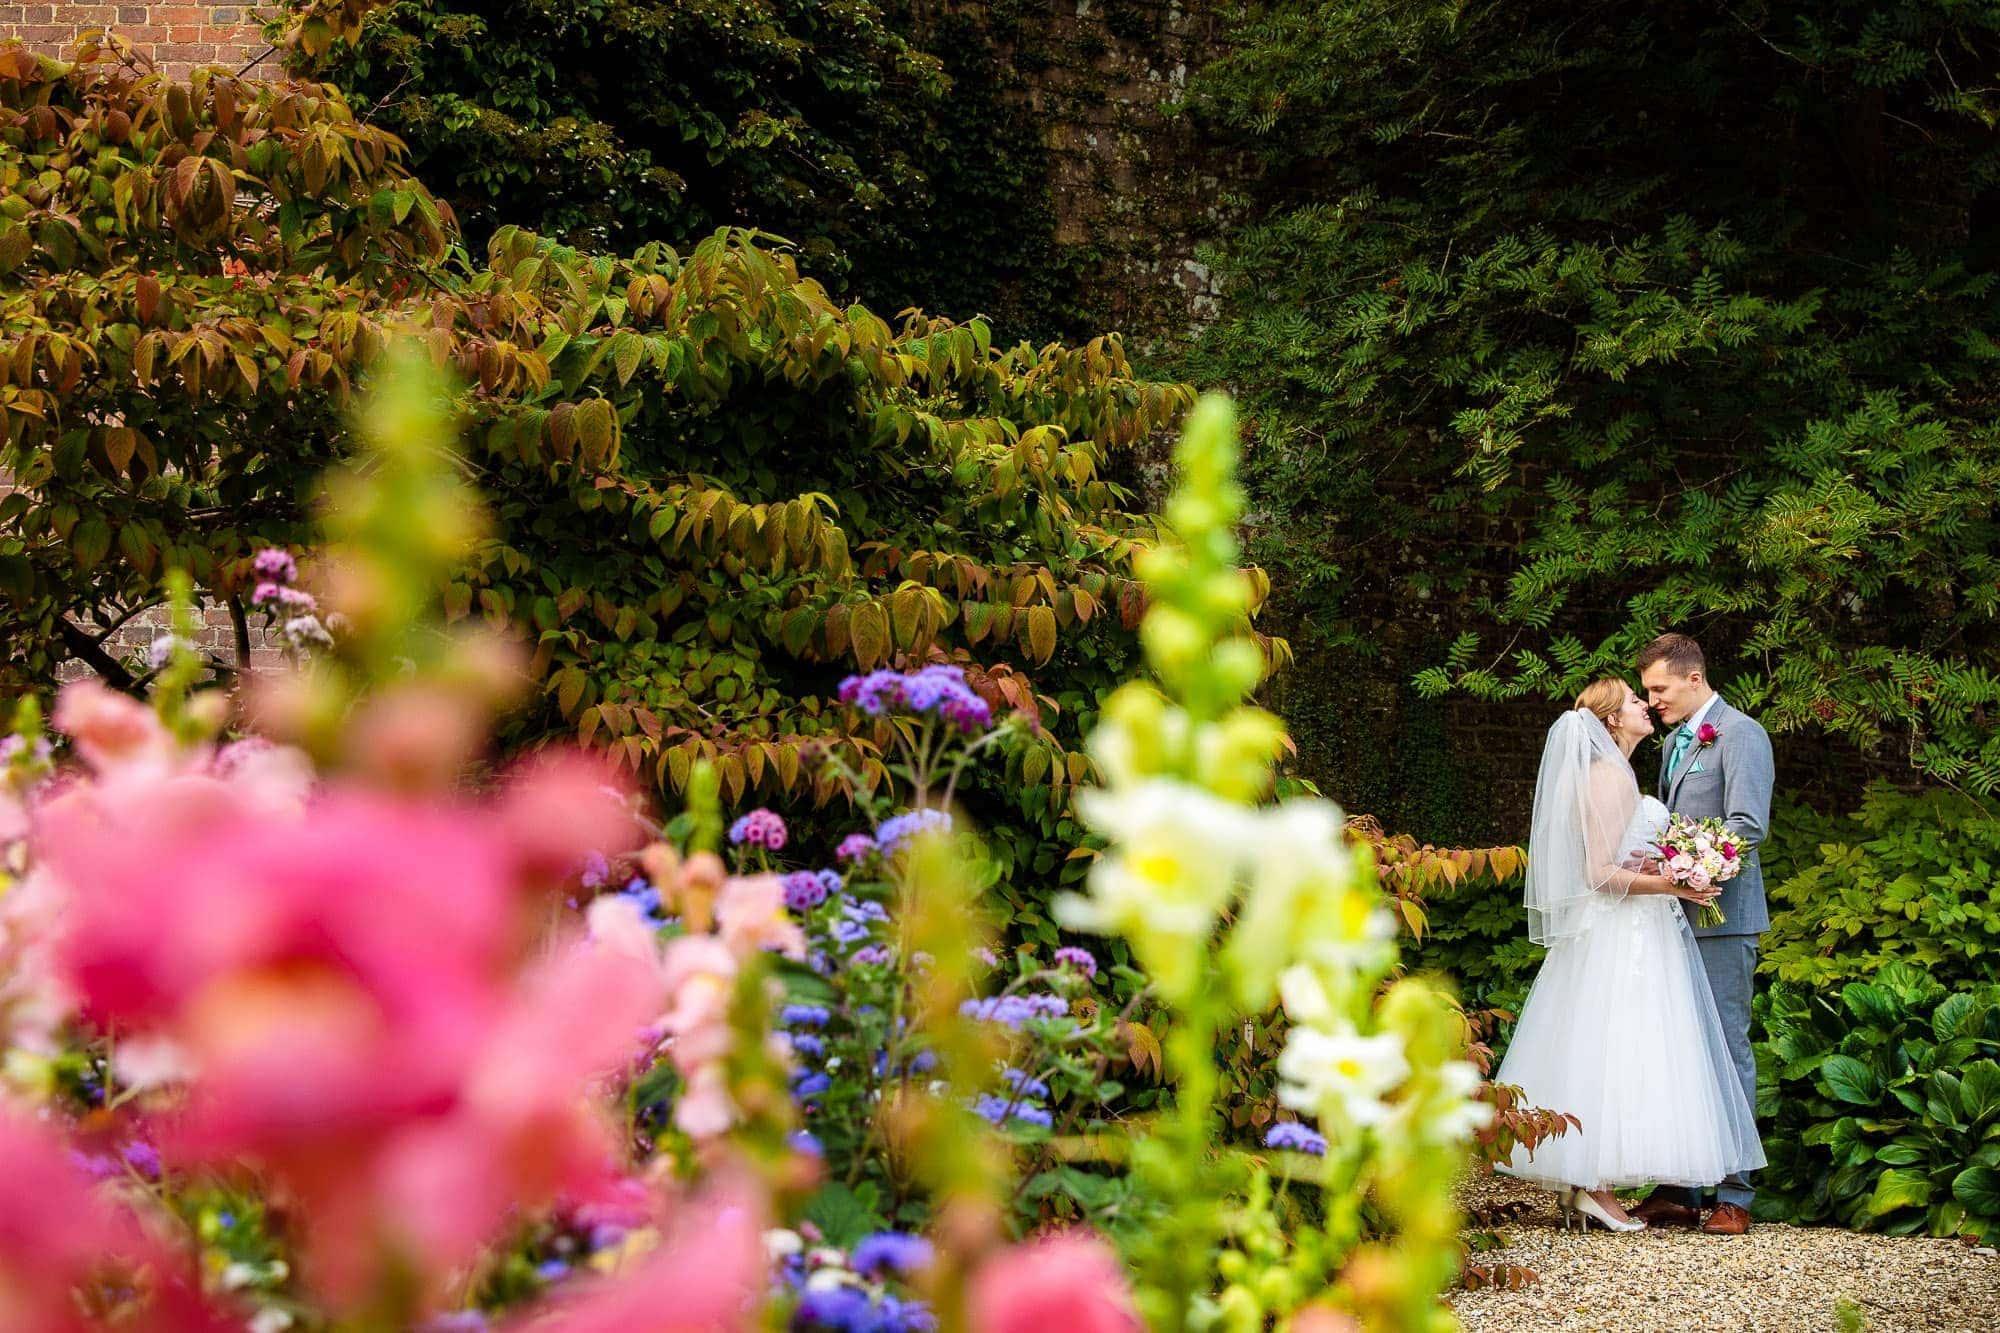 Claire & Chris | Farnham Castle Wedding